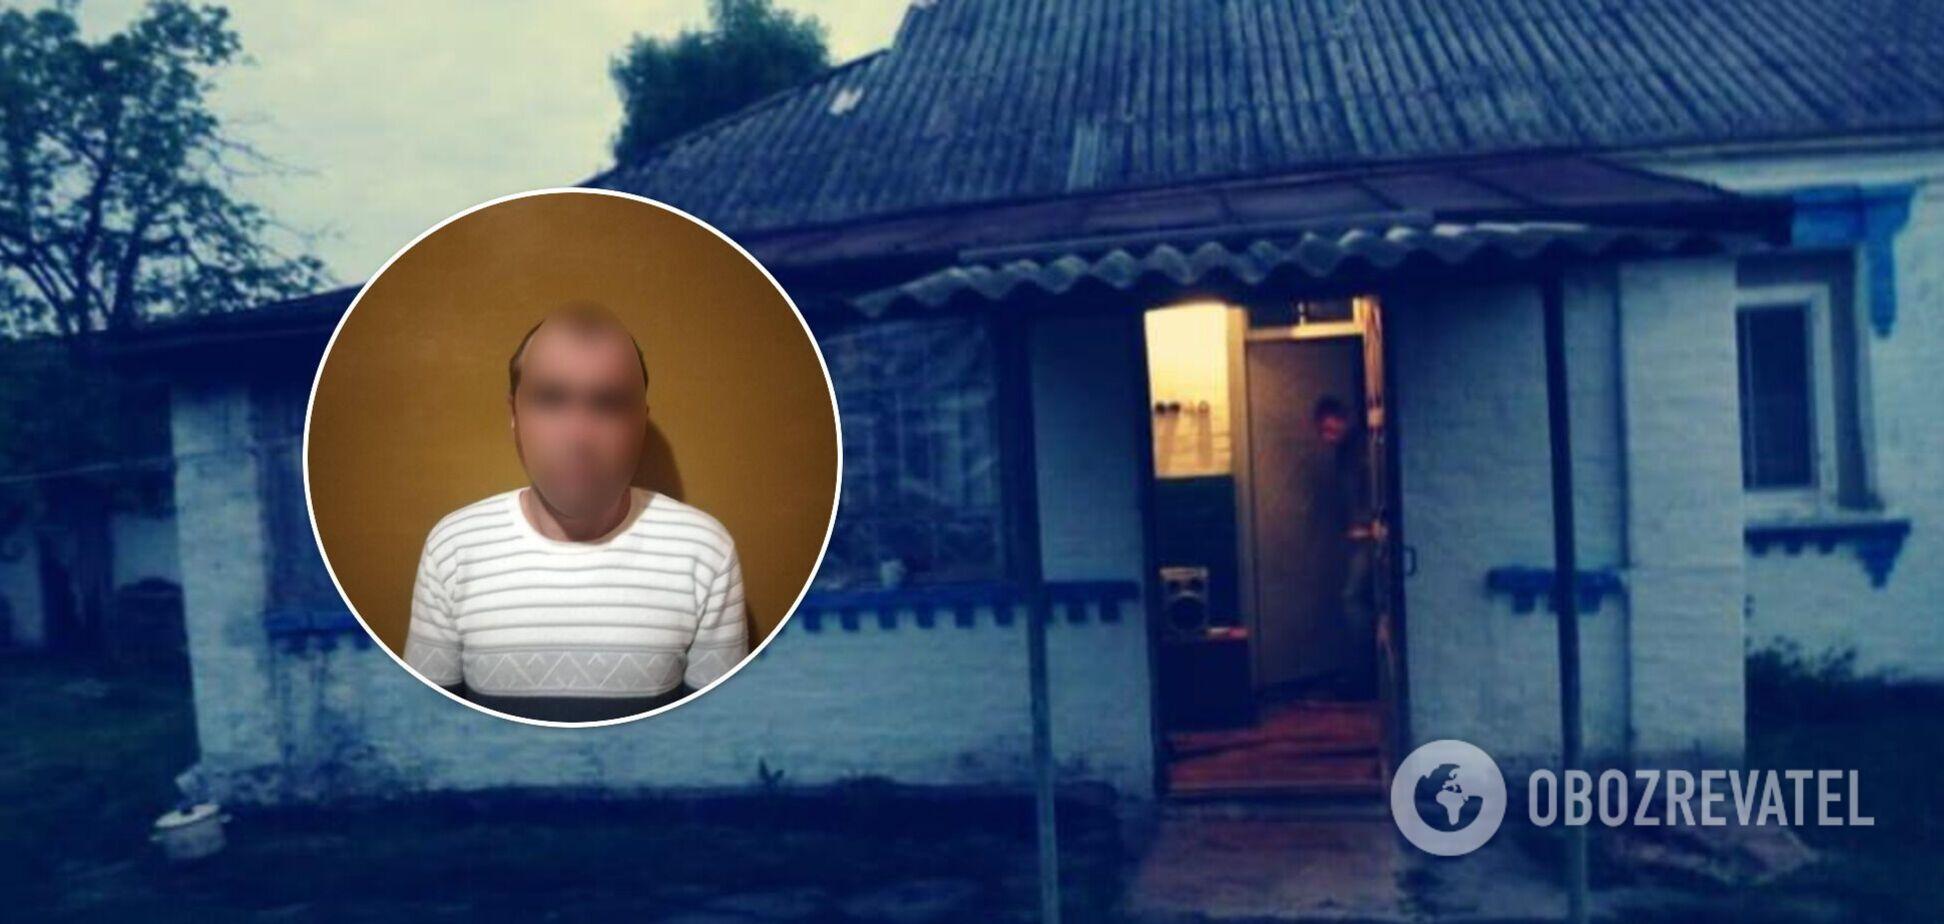 На Київщині чоловік вдарив ножем співмешканку, а потім наказав її сину викликати швидку